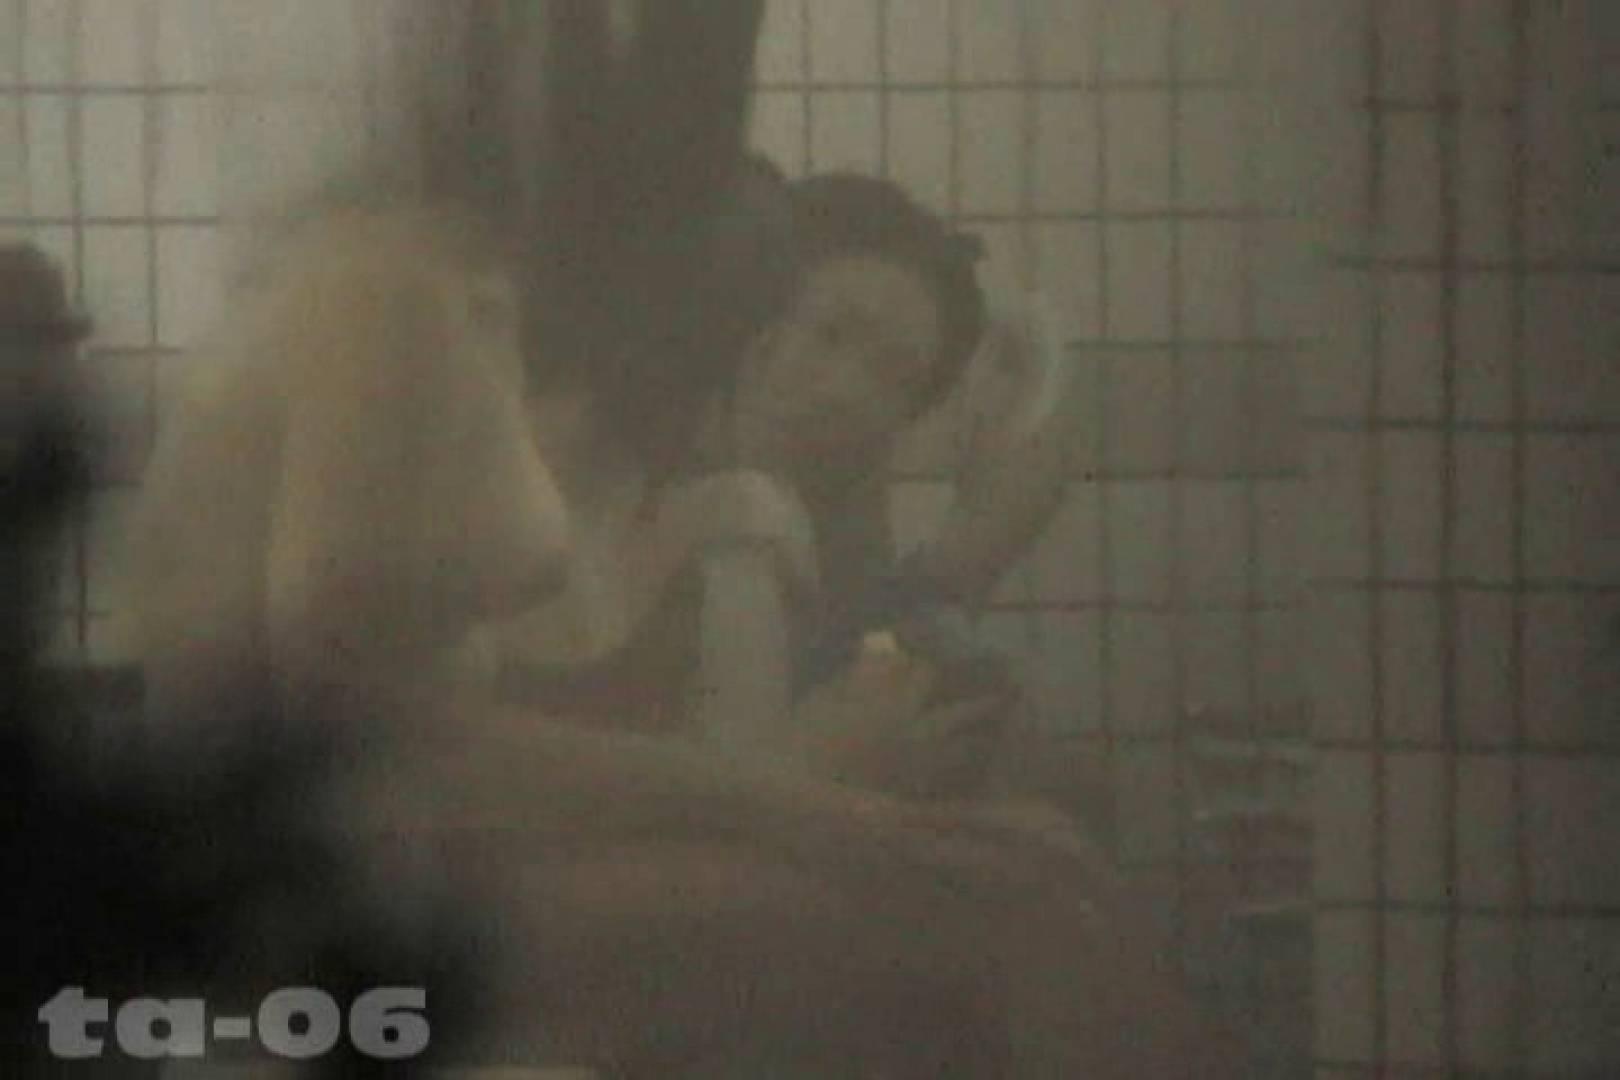 合宿ホテル女風呂盗撮高画質版 Vol.06 盗撮編 ぱこり動画紹介 91枚 33